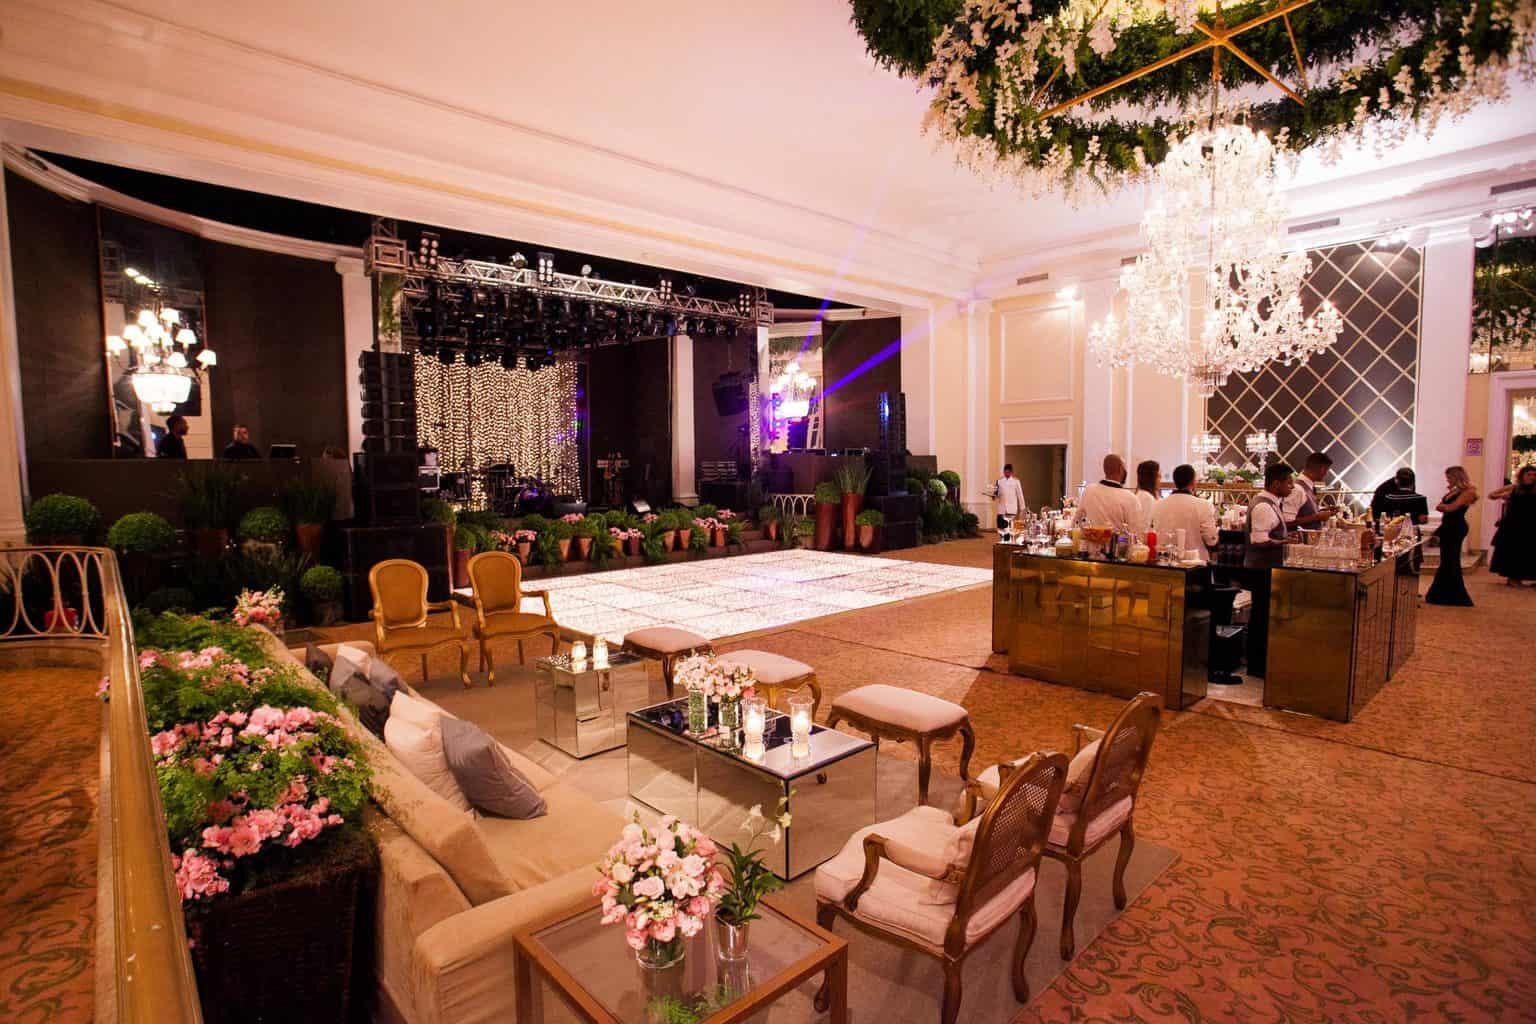 Casamento-Clássico-Copacabana-Palace-Fotografia-Larissa-e-Jorge-Ribas-Monica-Roias-Paula-Rocha-Ribas-Foto-e-Vídeo-CaseMe-30